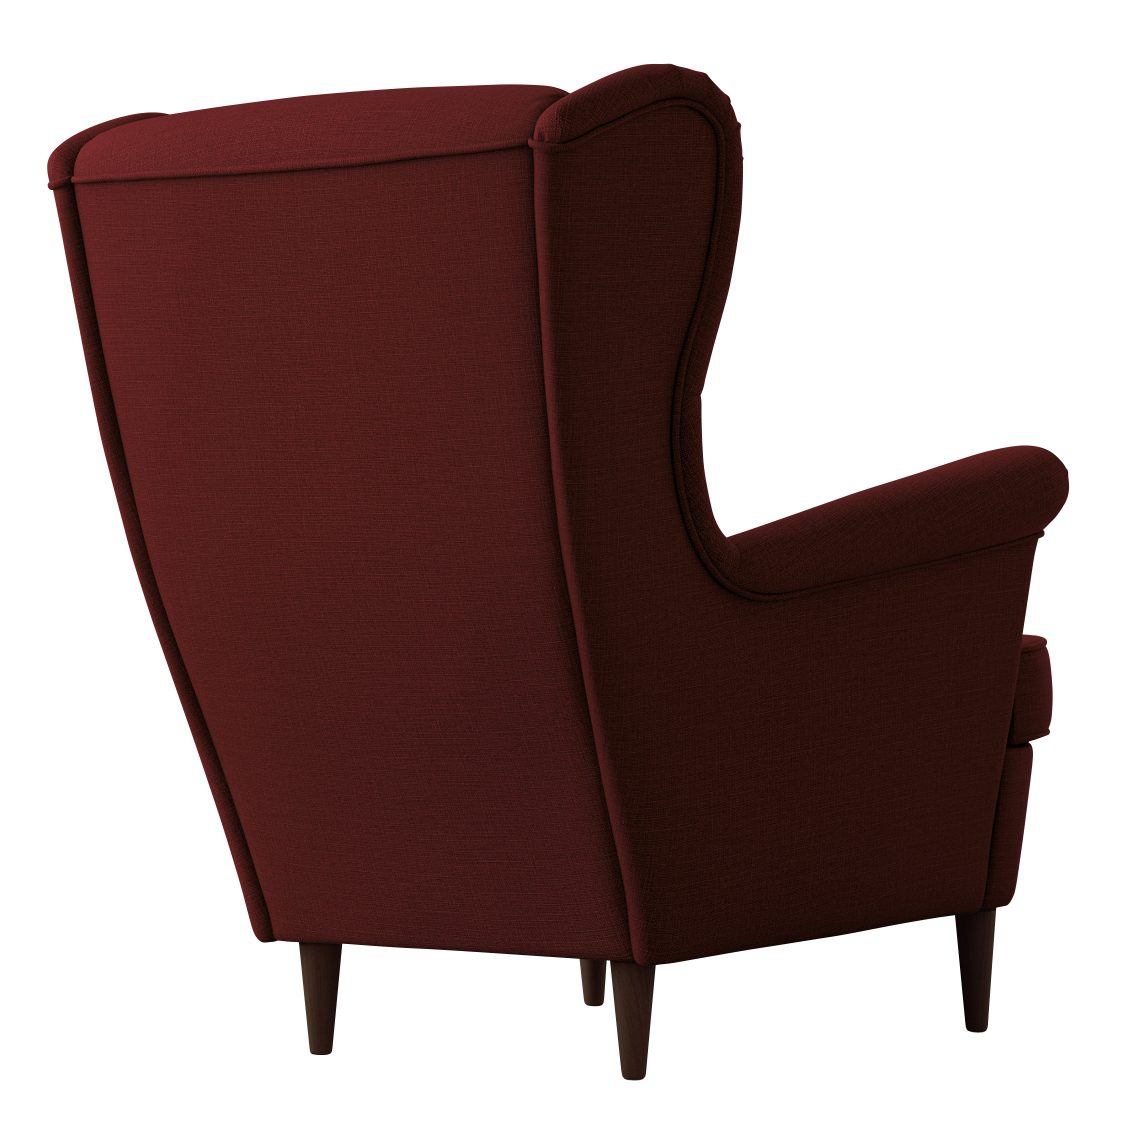 Мягкое уютное кресло с высокой спинкой Страндмон ikea икеа